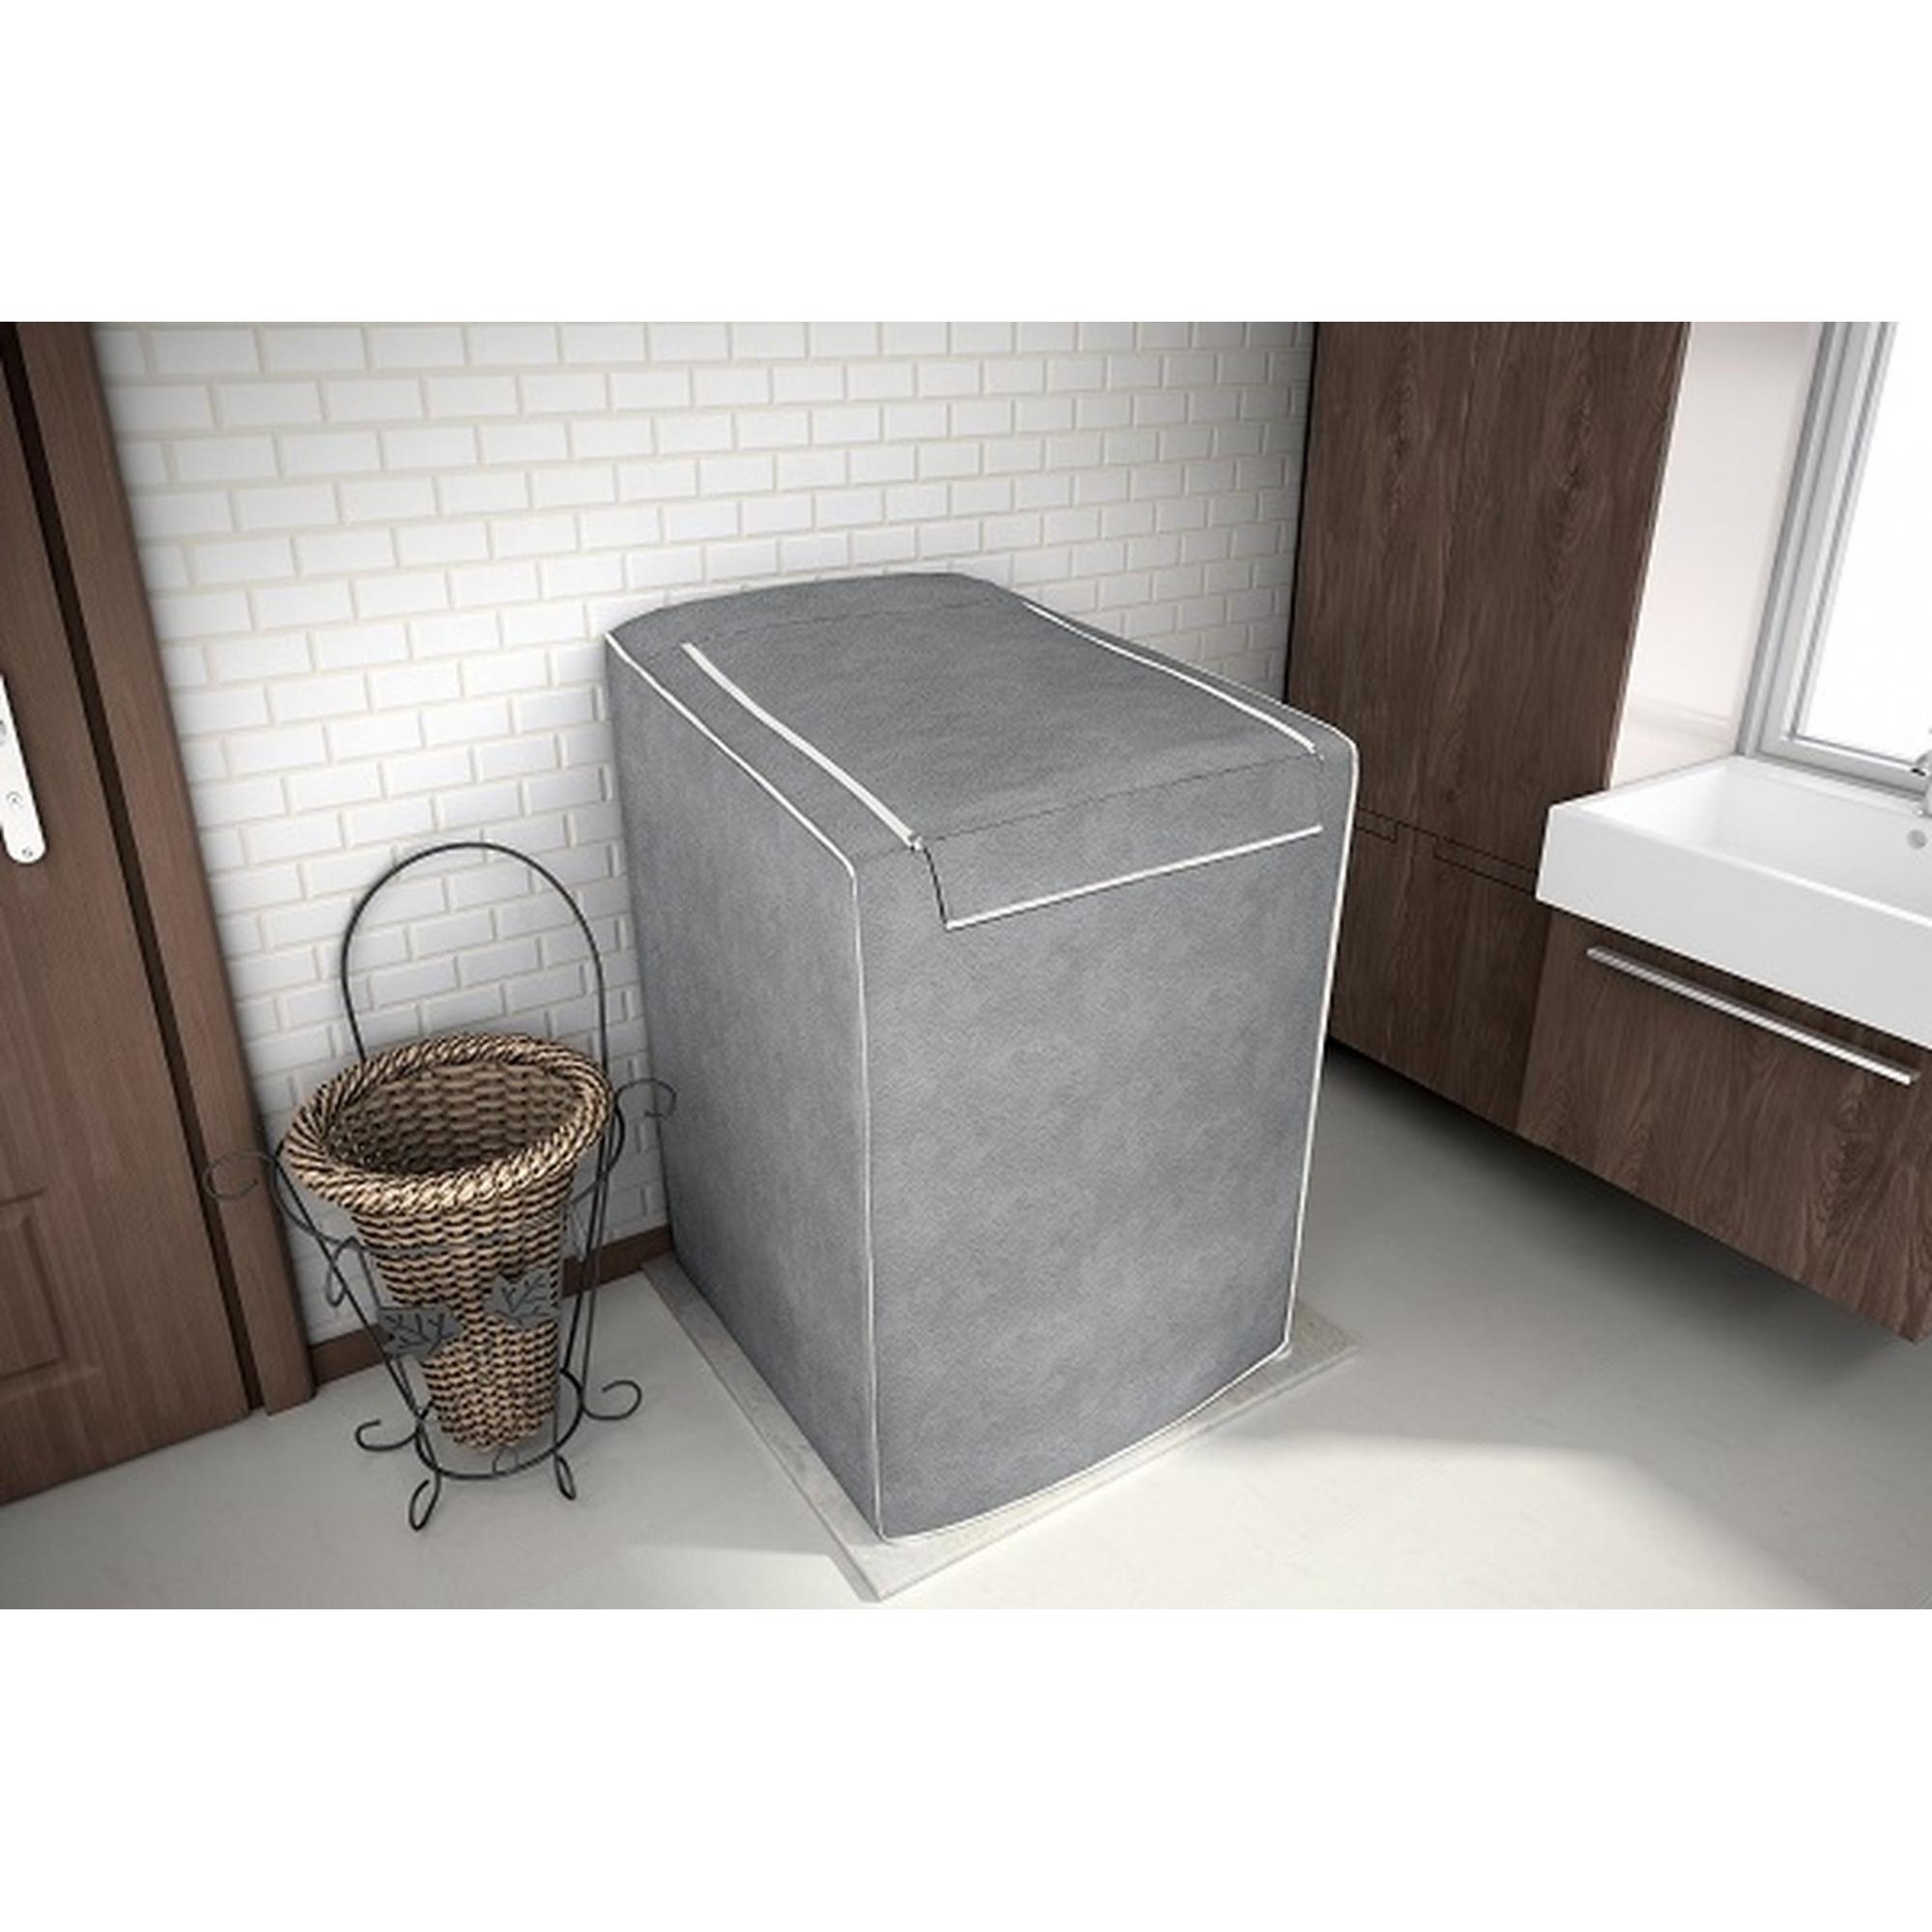 Capa para maquina de lavar Tamanho M Cinza